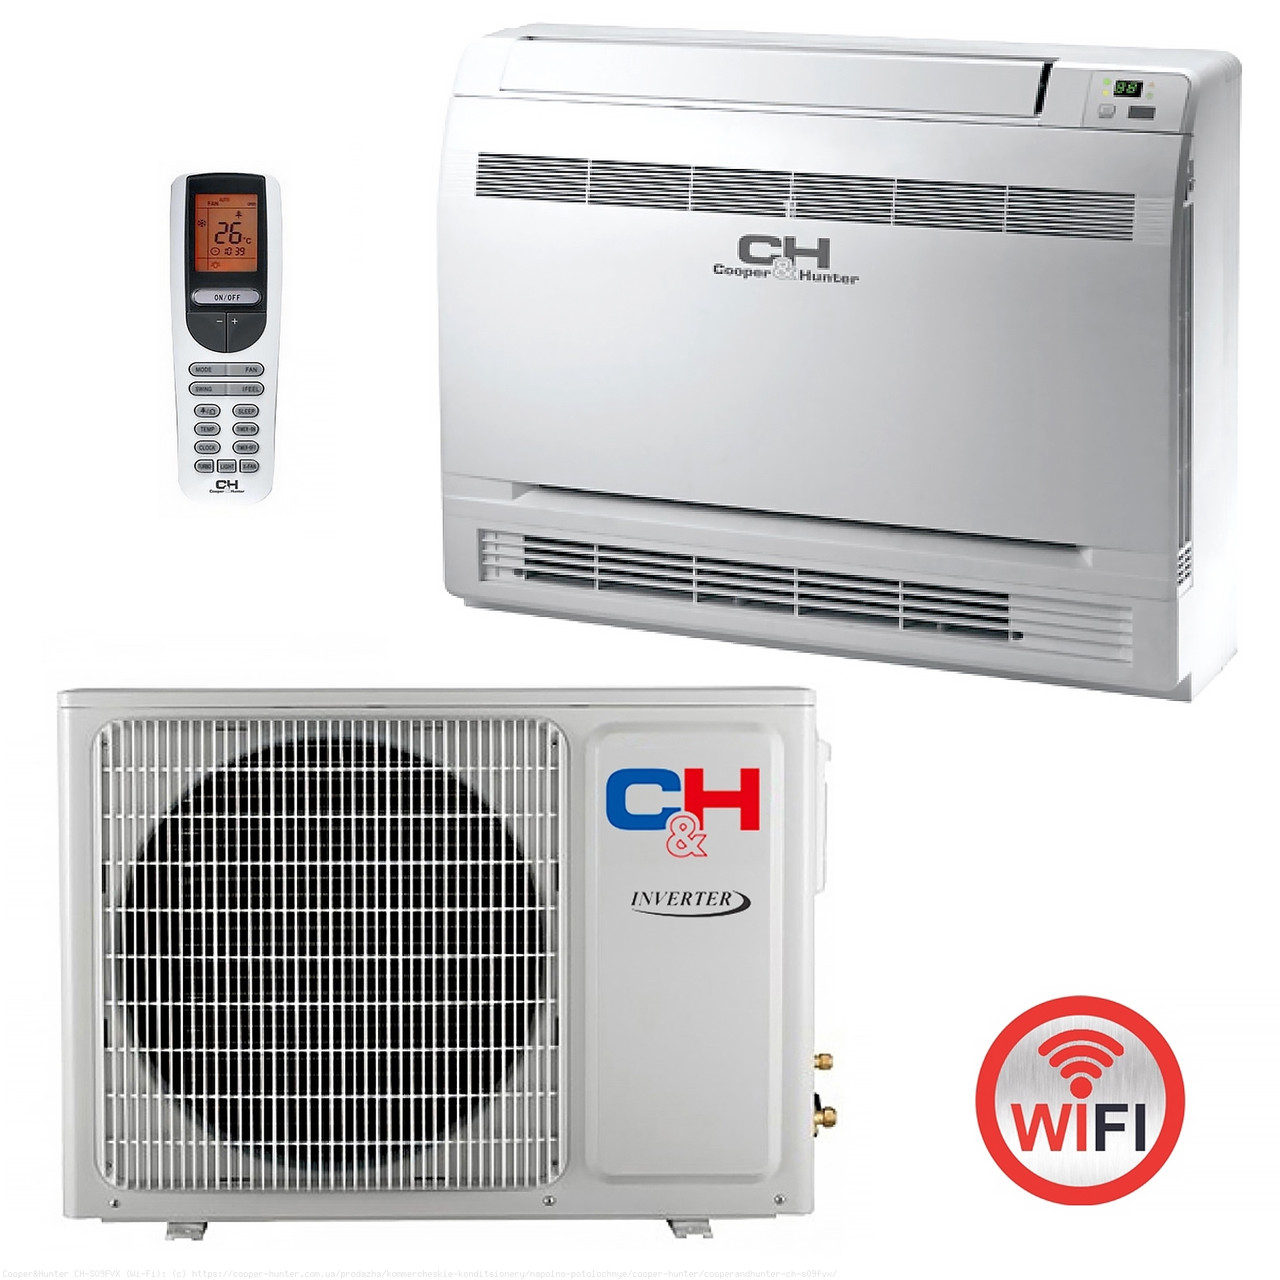 Кондиционер консольный (инверторный) напольно-потолочный Cooper&Hunter CH-S09FVX (Wi-Fi)